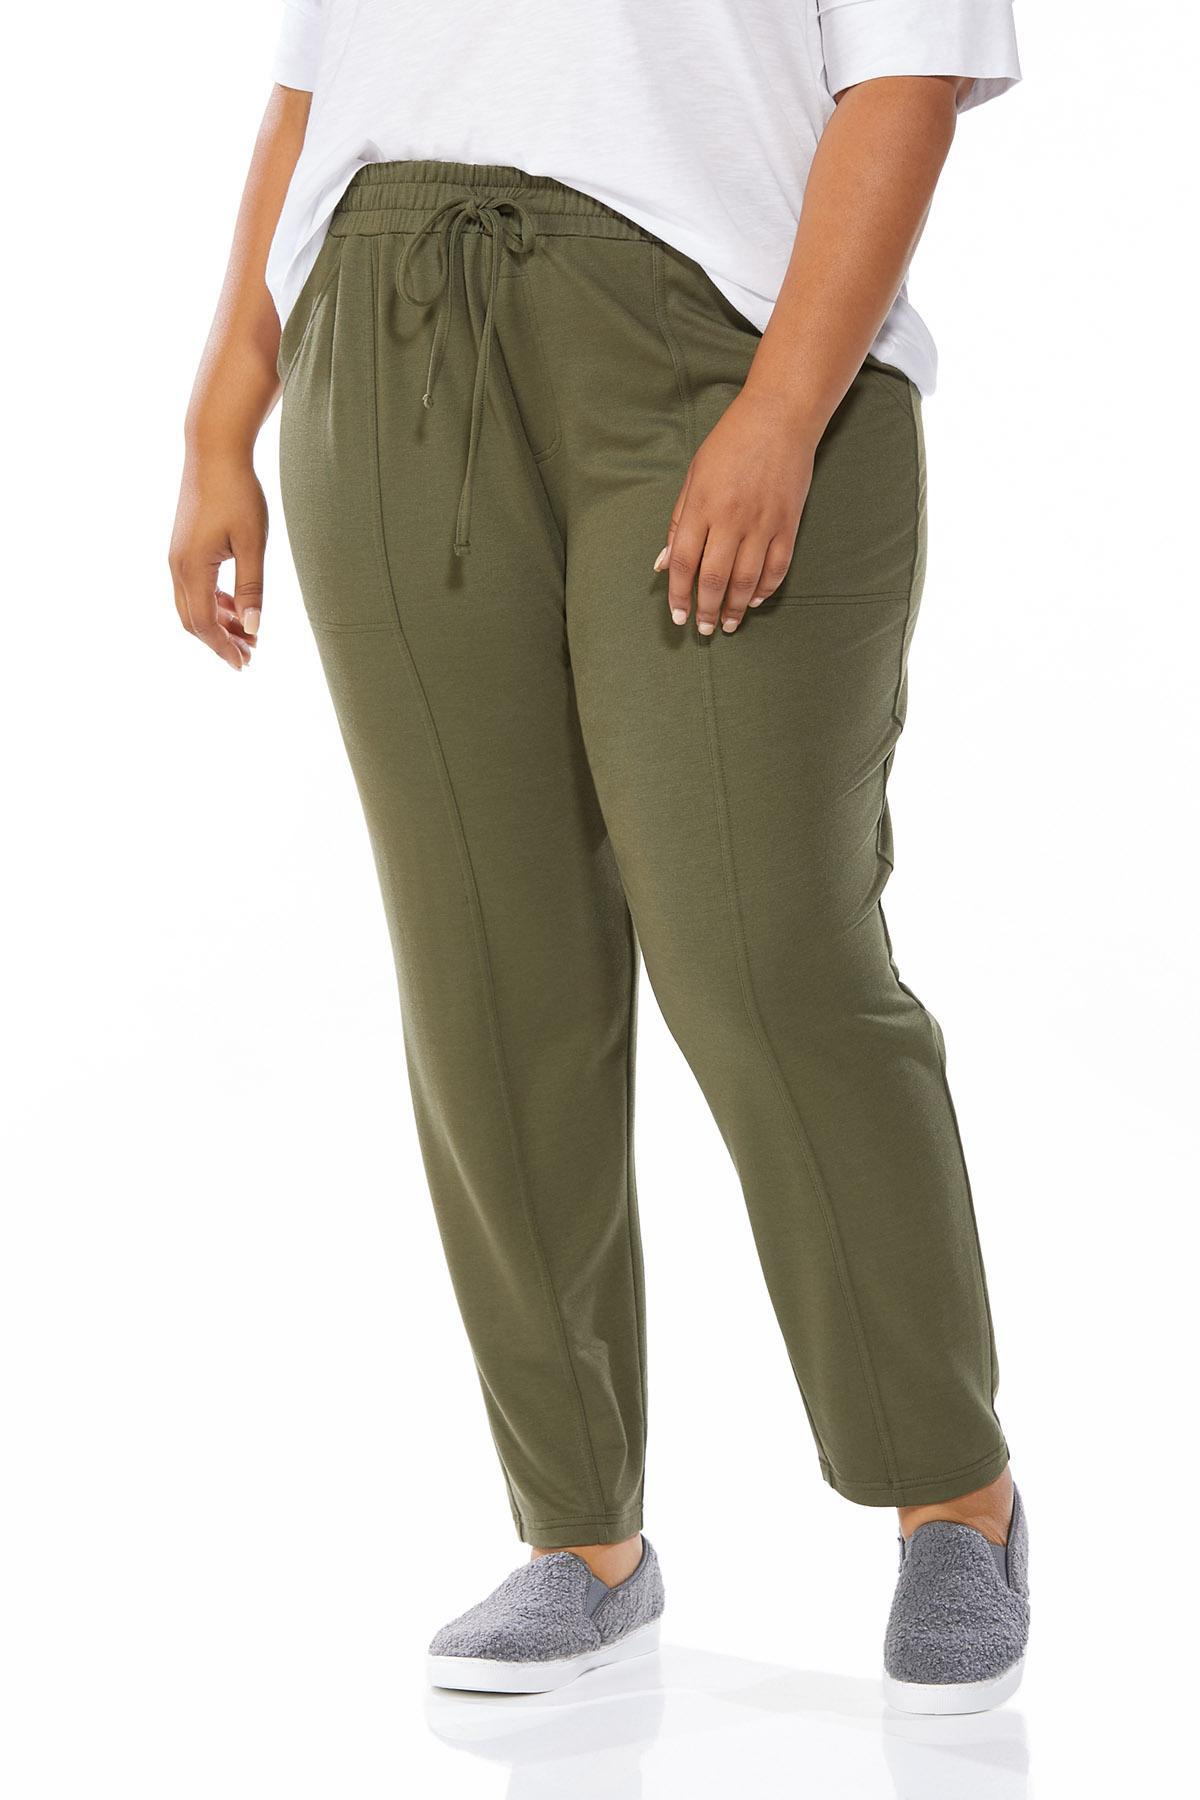 Plus Size Soft Olive Pants